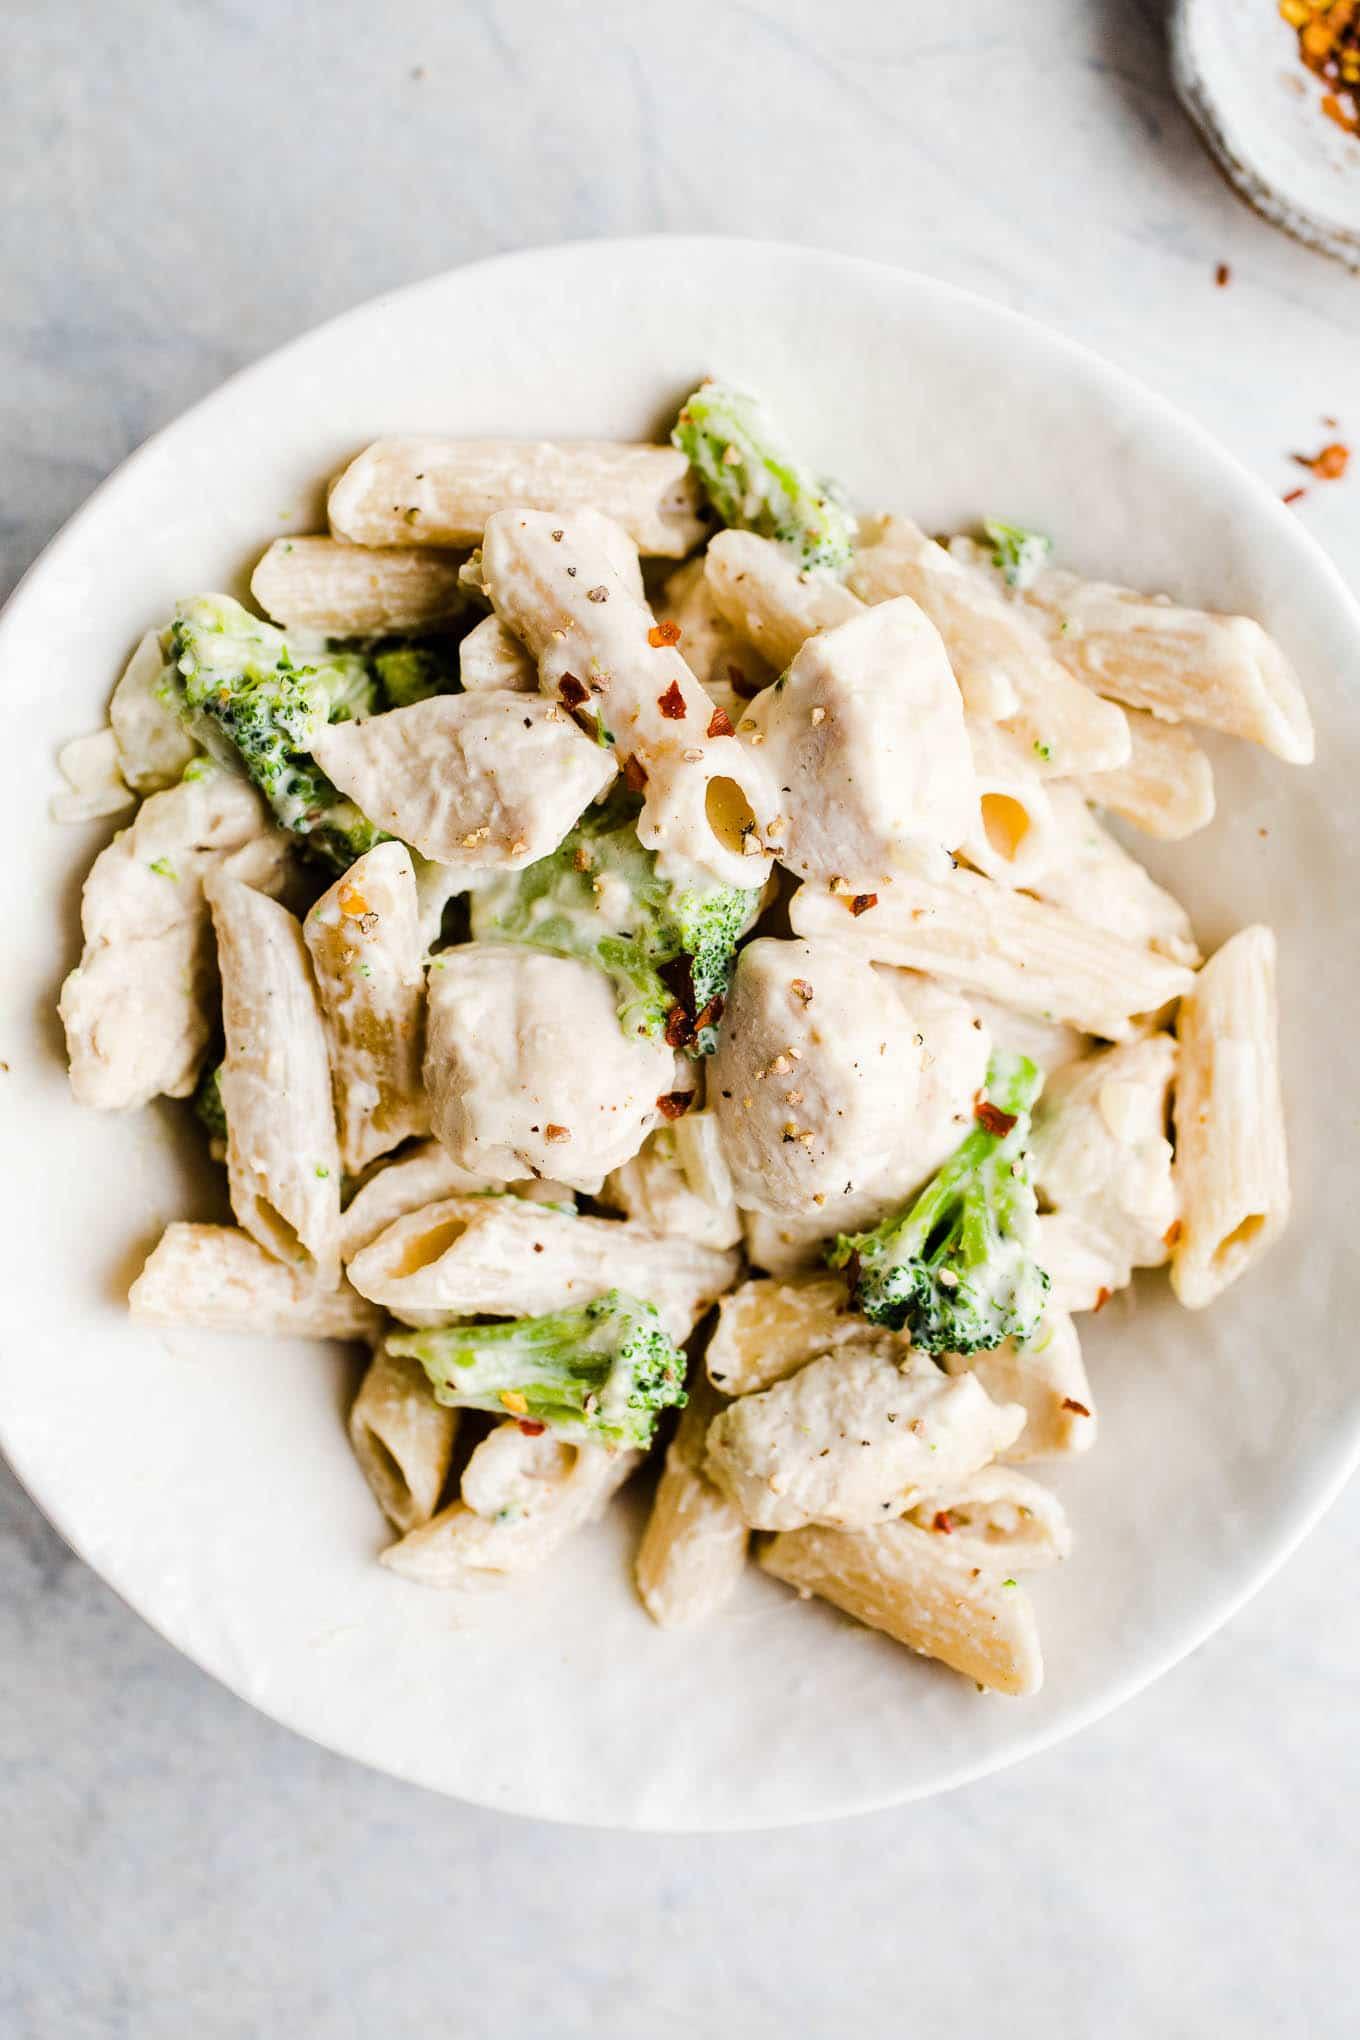 chicken broccoli pasta in a white bowl